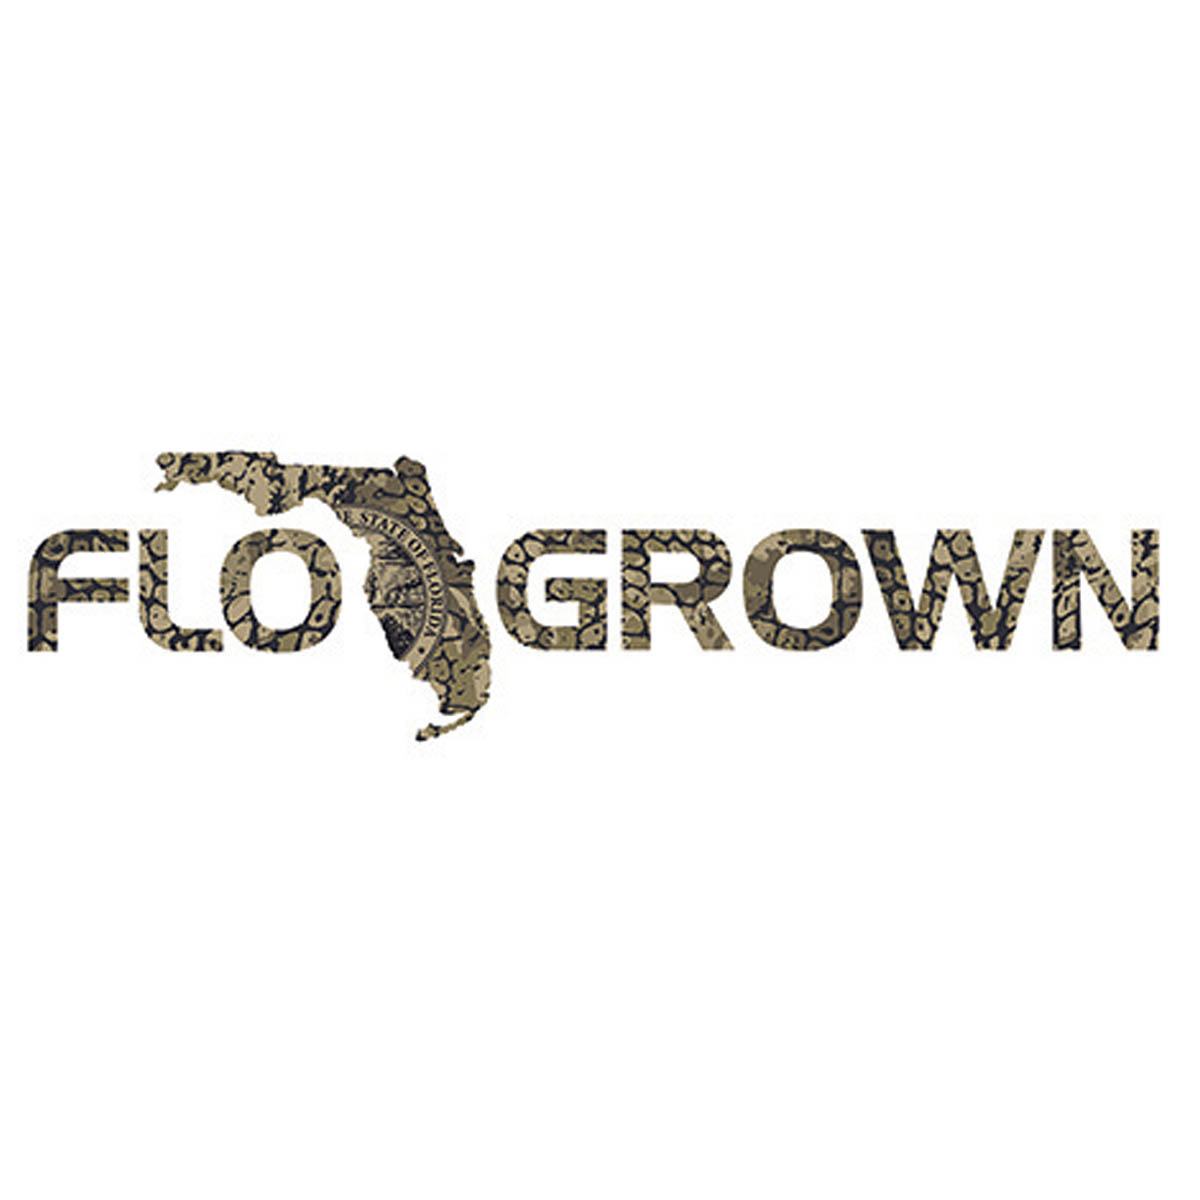 Flo Grown FloGrown Gator Skin Decal